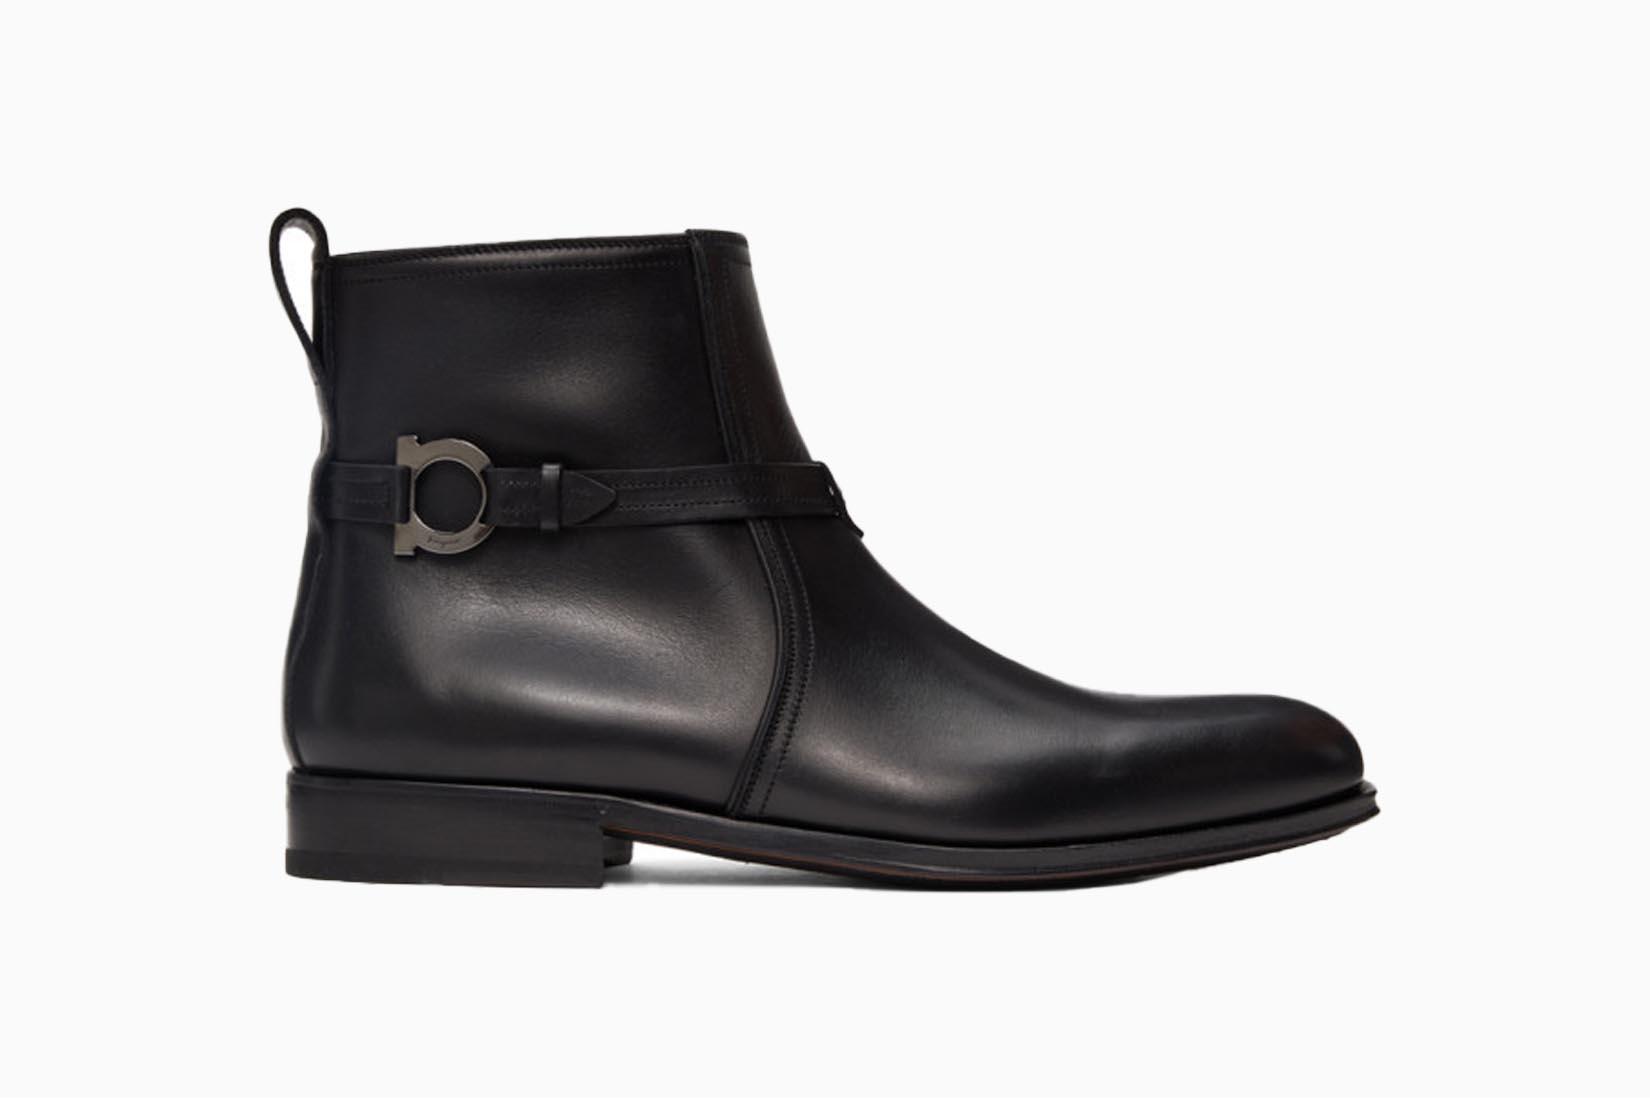 best boots men salvatore ferragamo review Luxe Digital